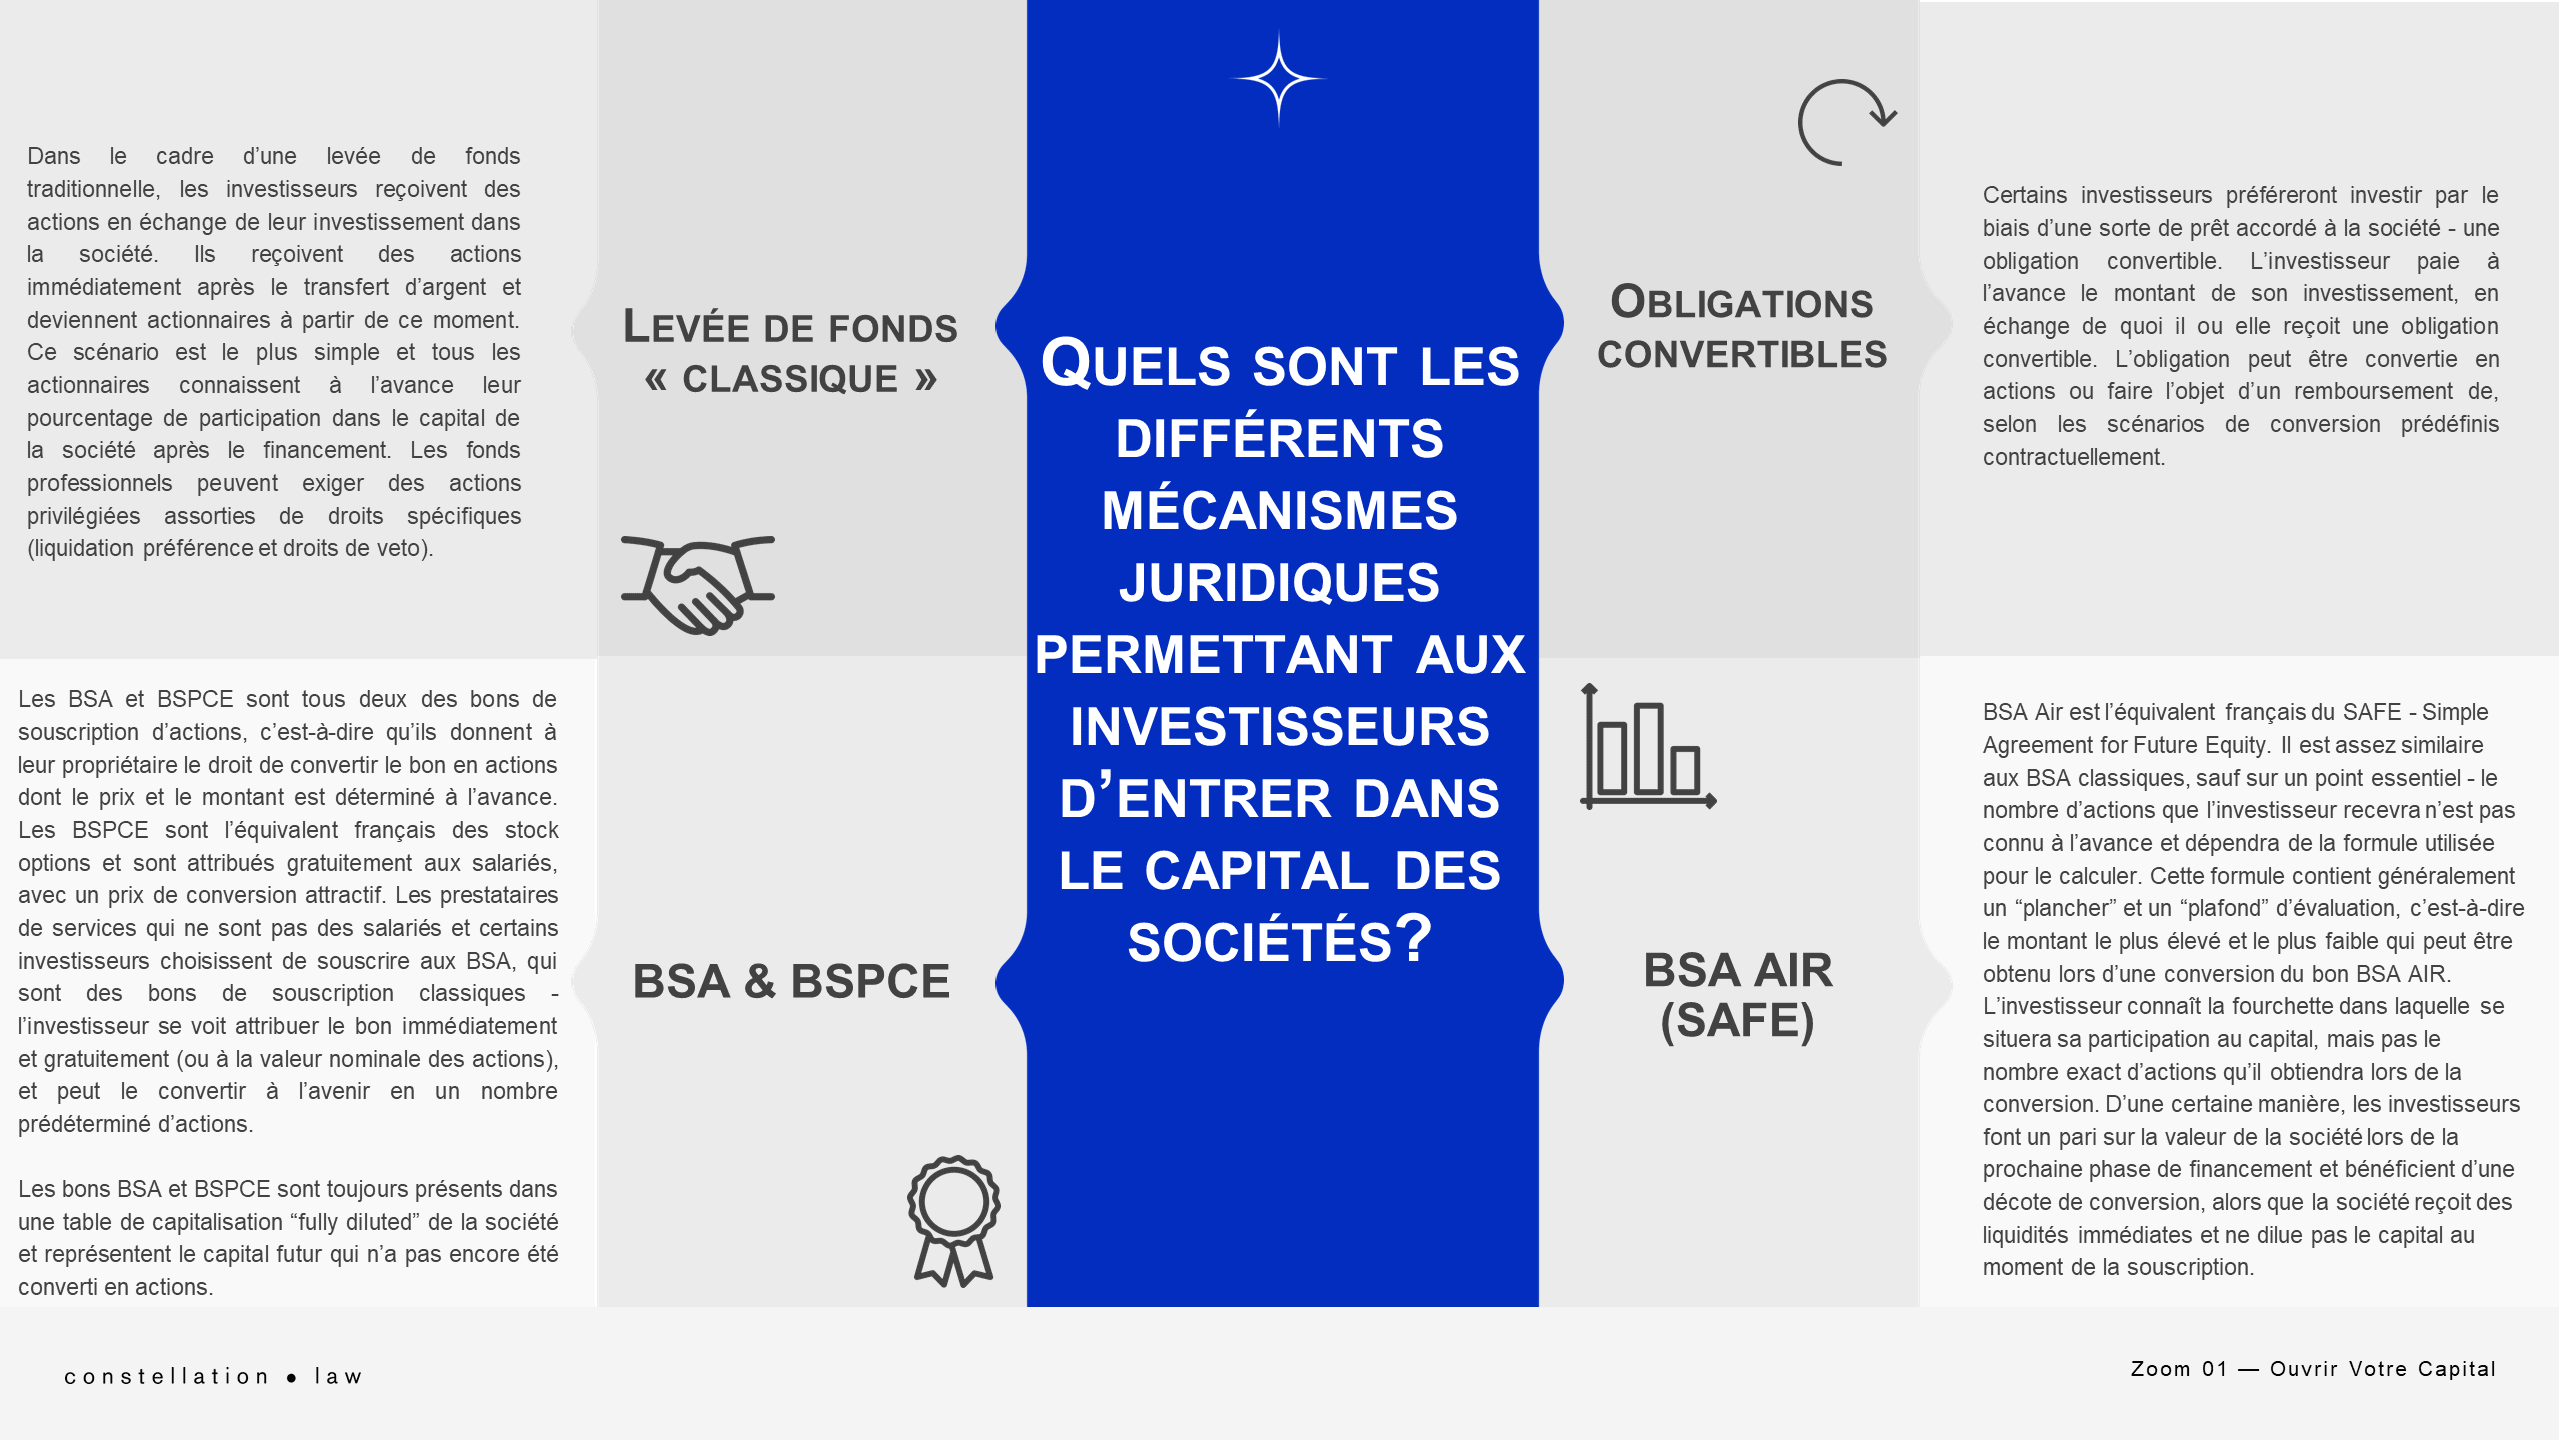 Ouvrir Votre Capital